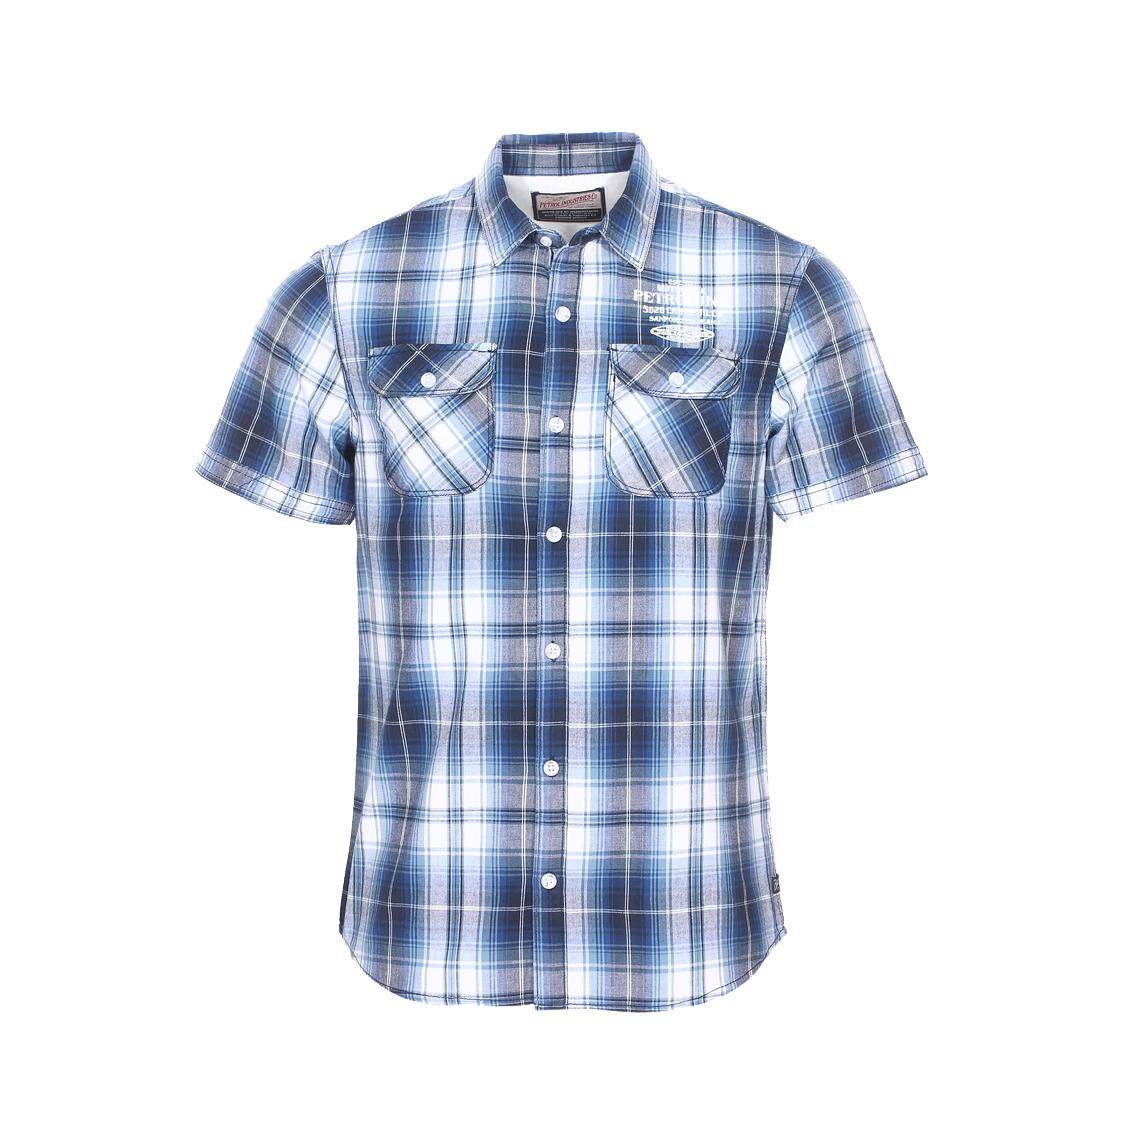 Chemise droite manches courtes petrol industrie en coton blanc et bleu à carreaux